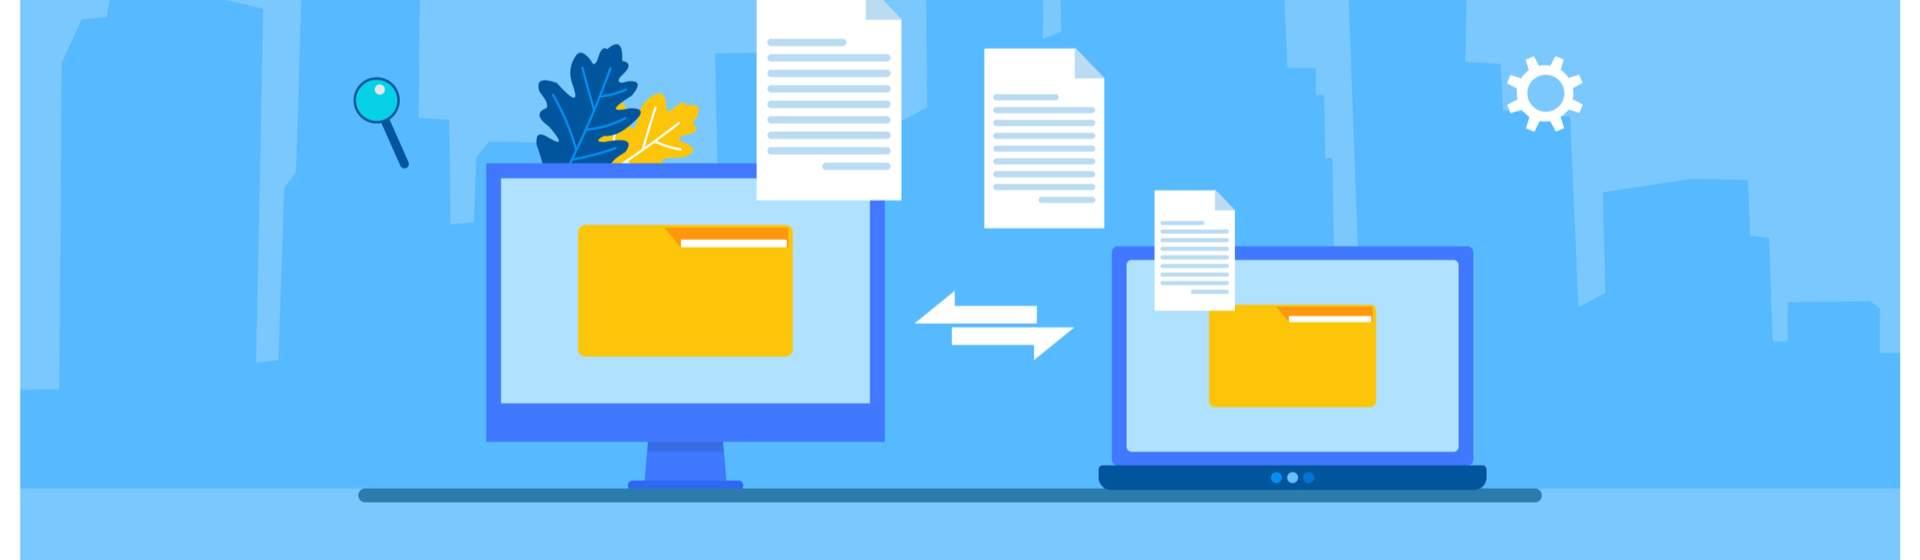 Ilustração de fundo azul claro com um notebook a passar arquivos para outro